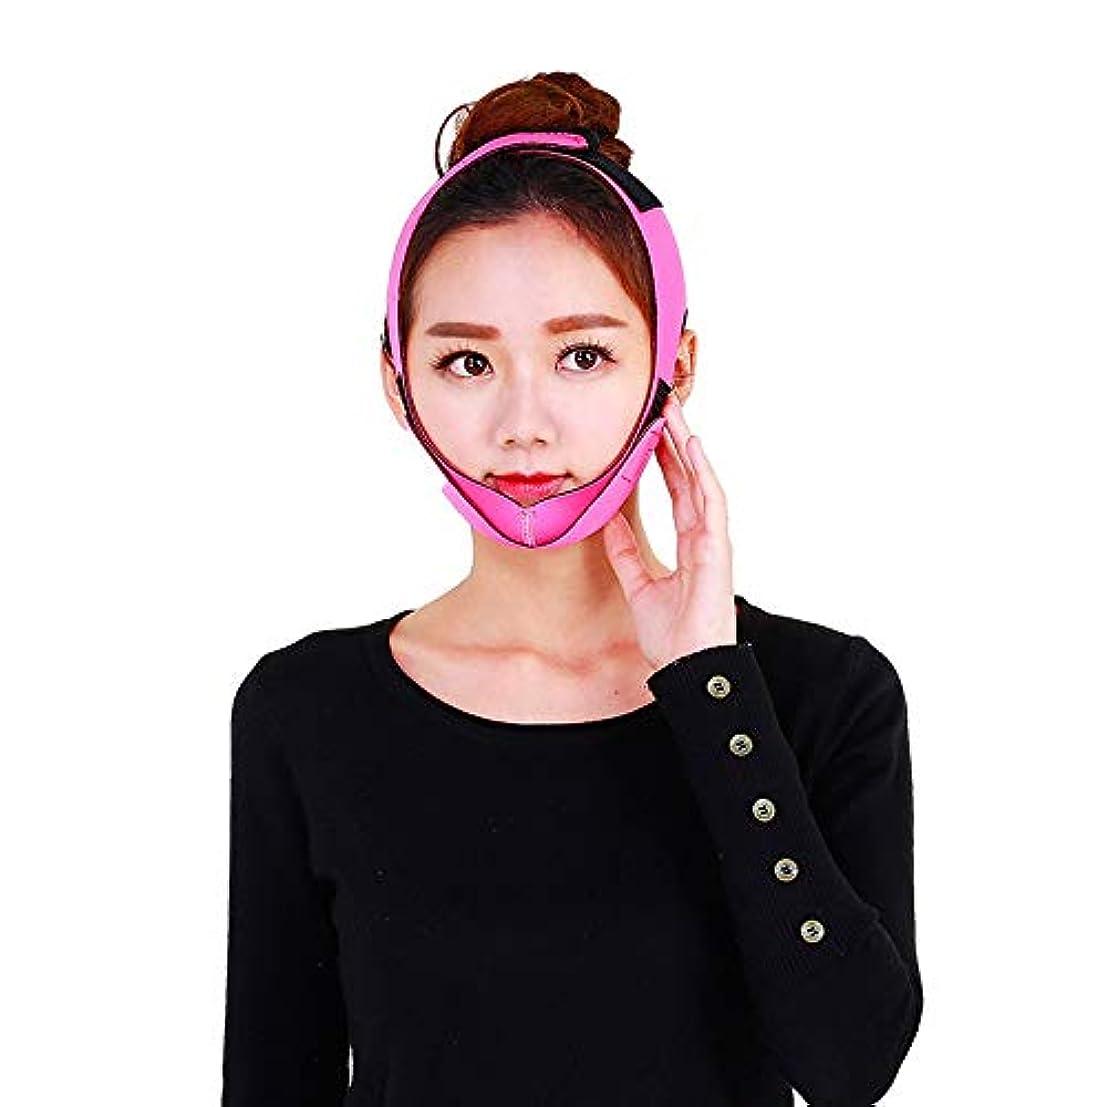 可能性までキリンBS 顔の持ち上がる痩身ベルト - 薄い顔包帯二重あごのデバイス無料の顔のマッサージ整形マスクが顔と首を締めます フェイスリフティングアーティファクト